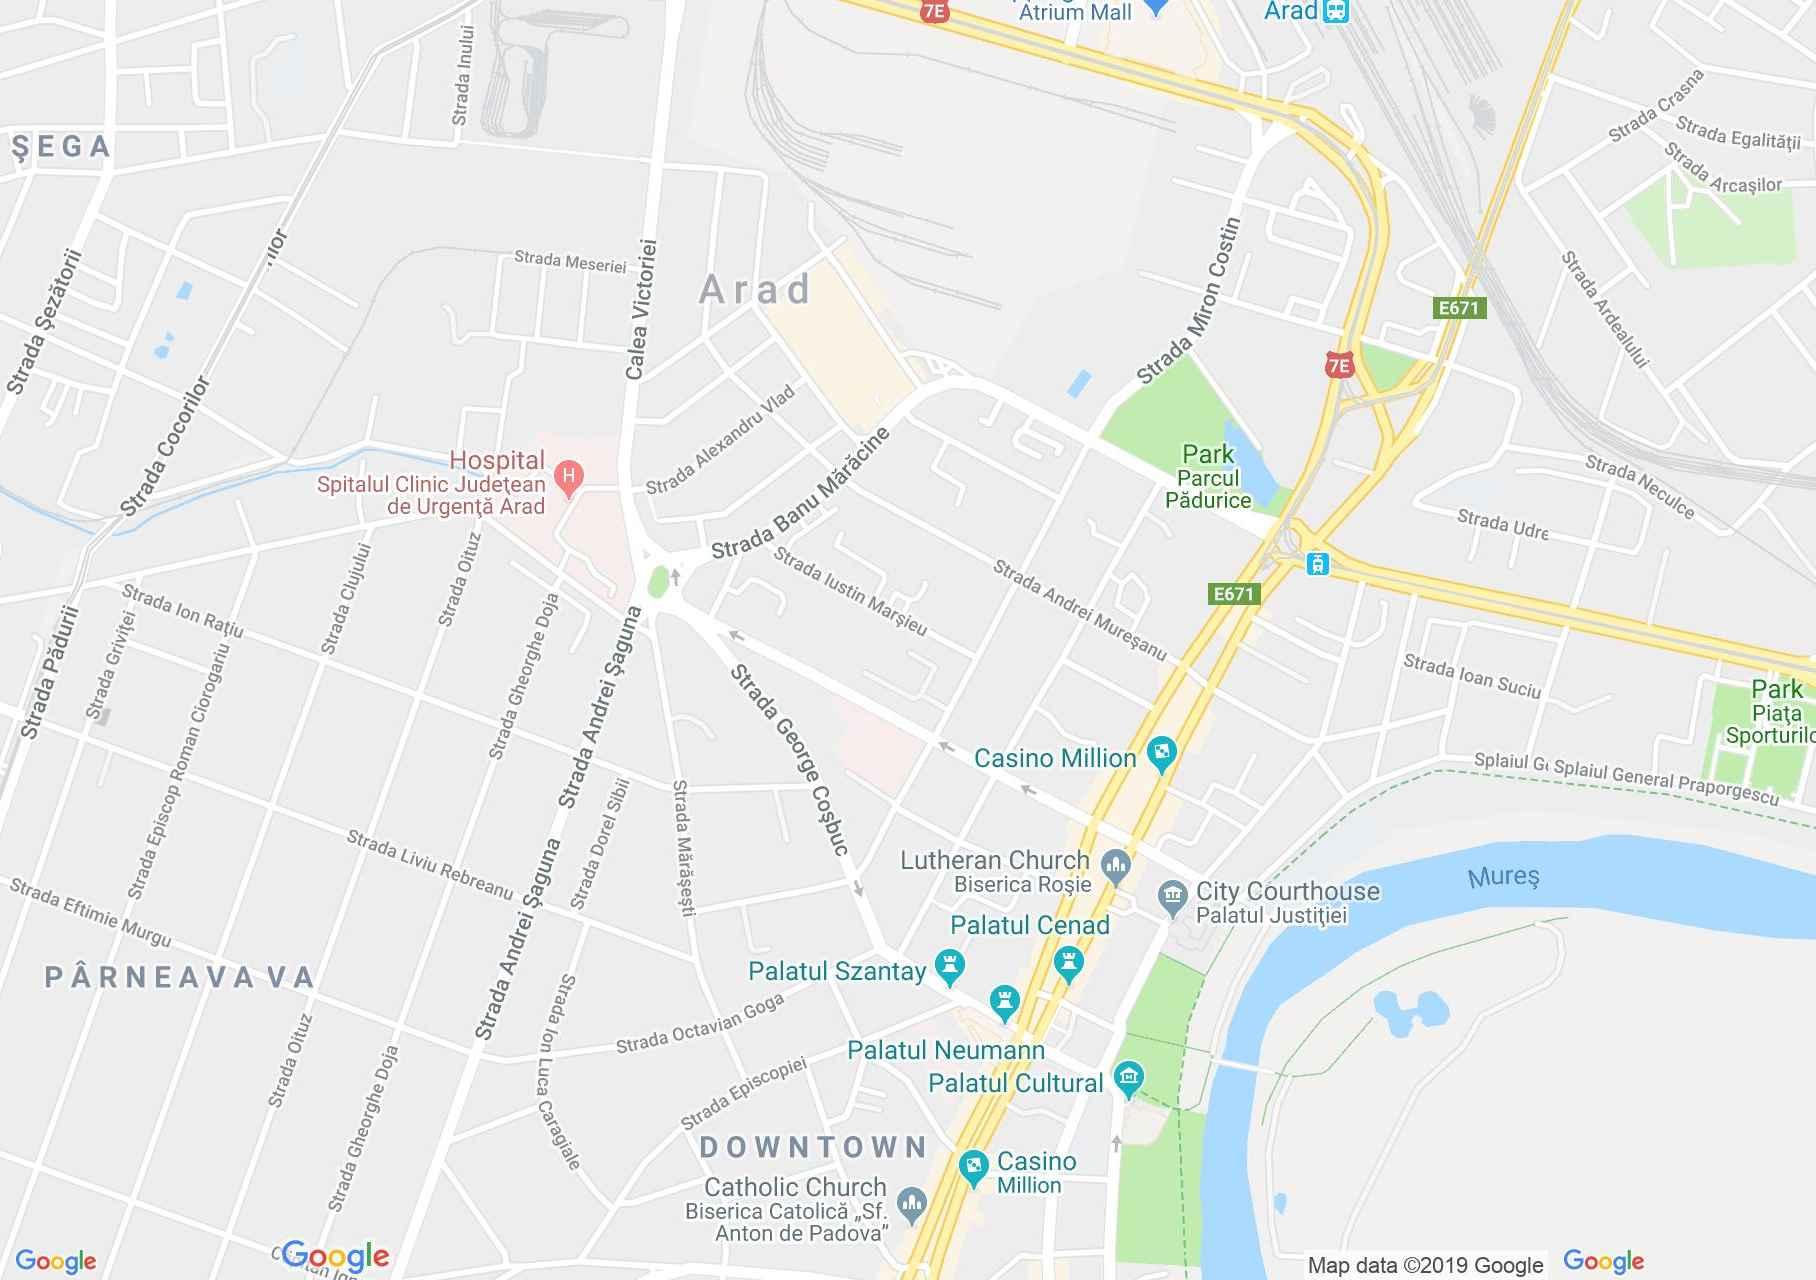 Arad: Megyei könyvtár (térkép)